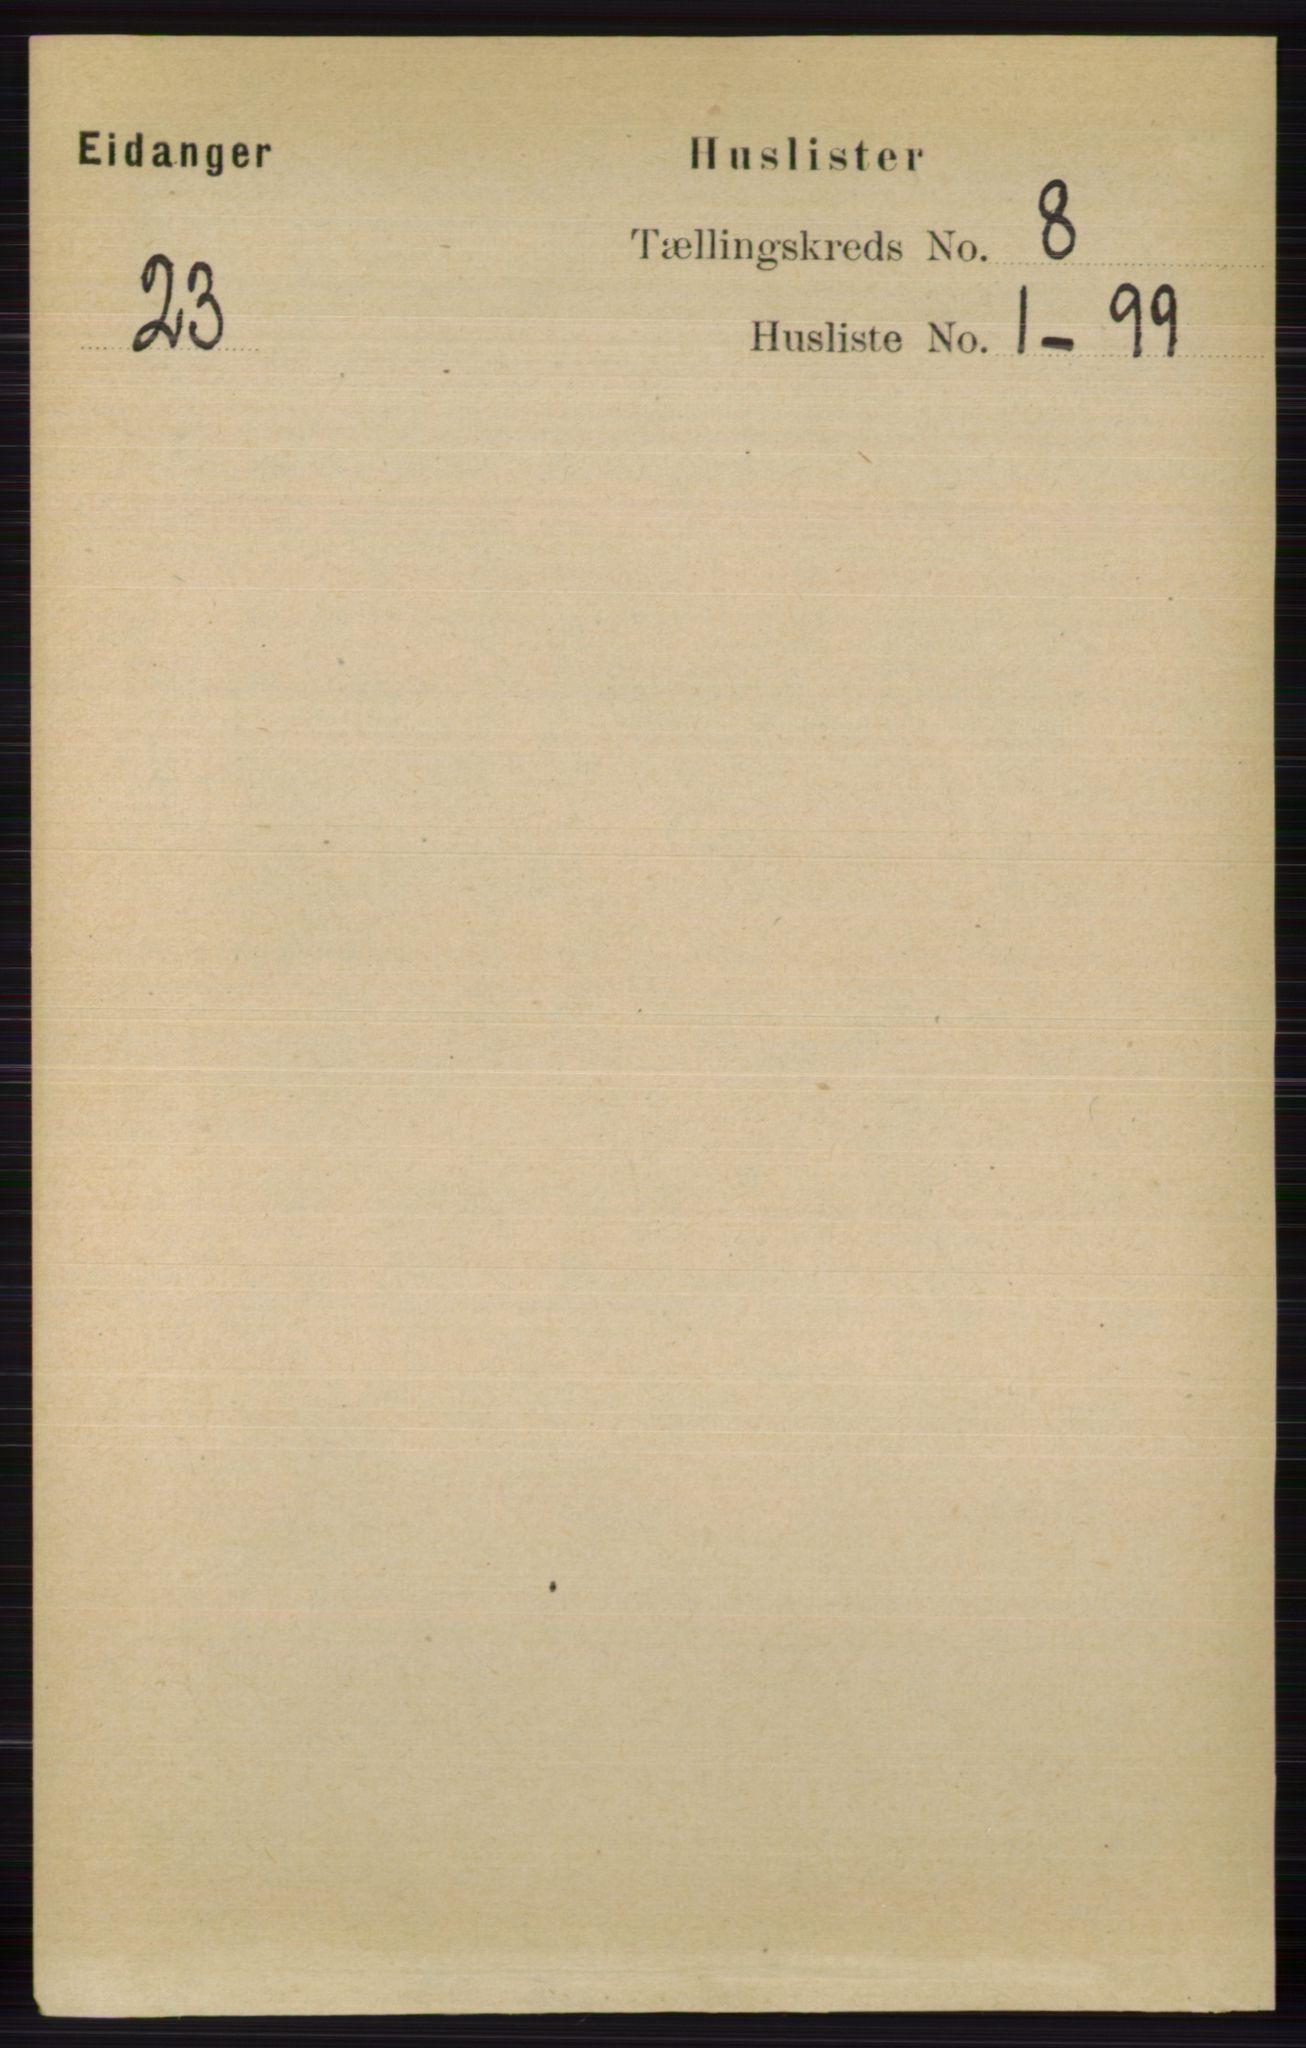 RA, Folketelling 1891 for 0813 Eidanger herred, 1891, s. 2885